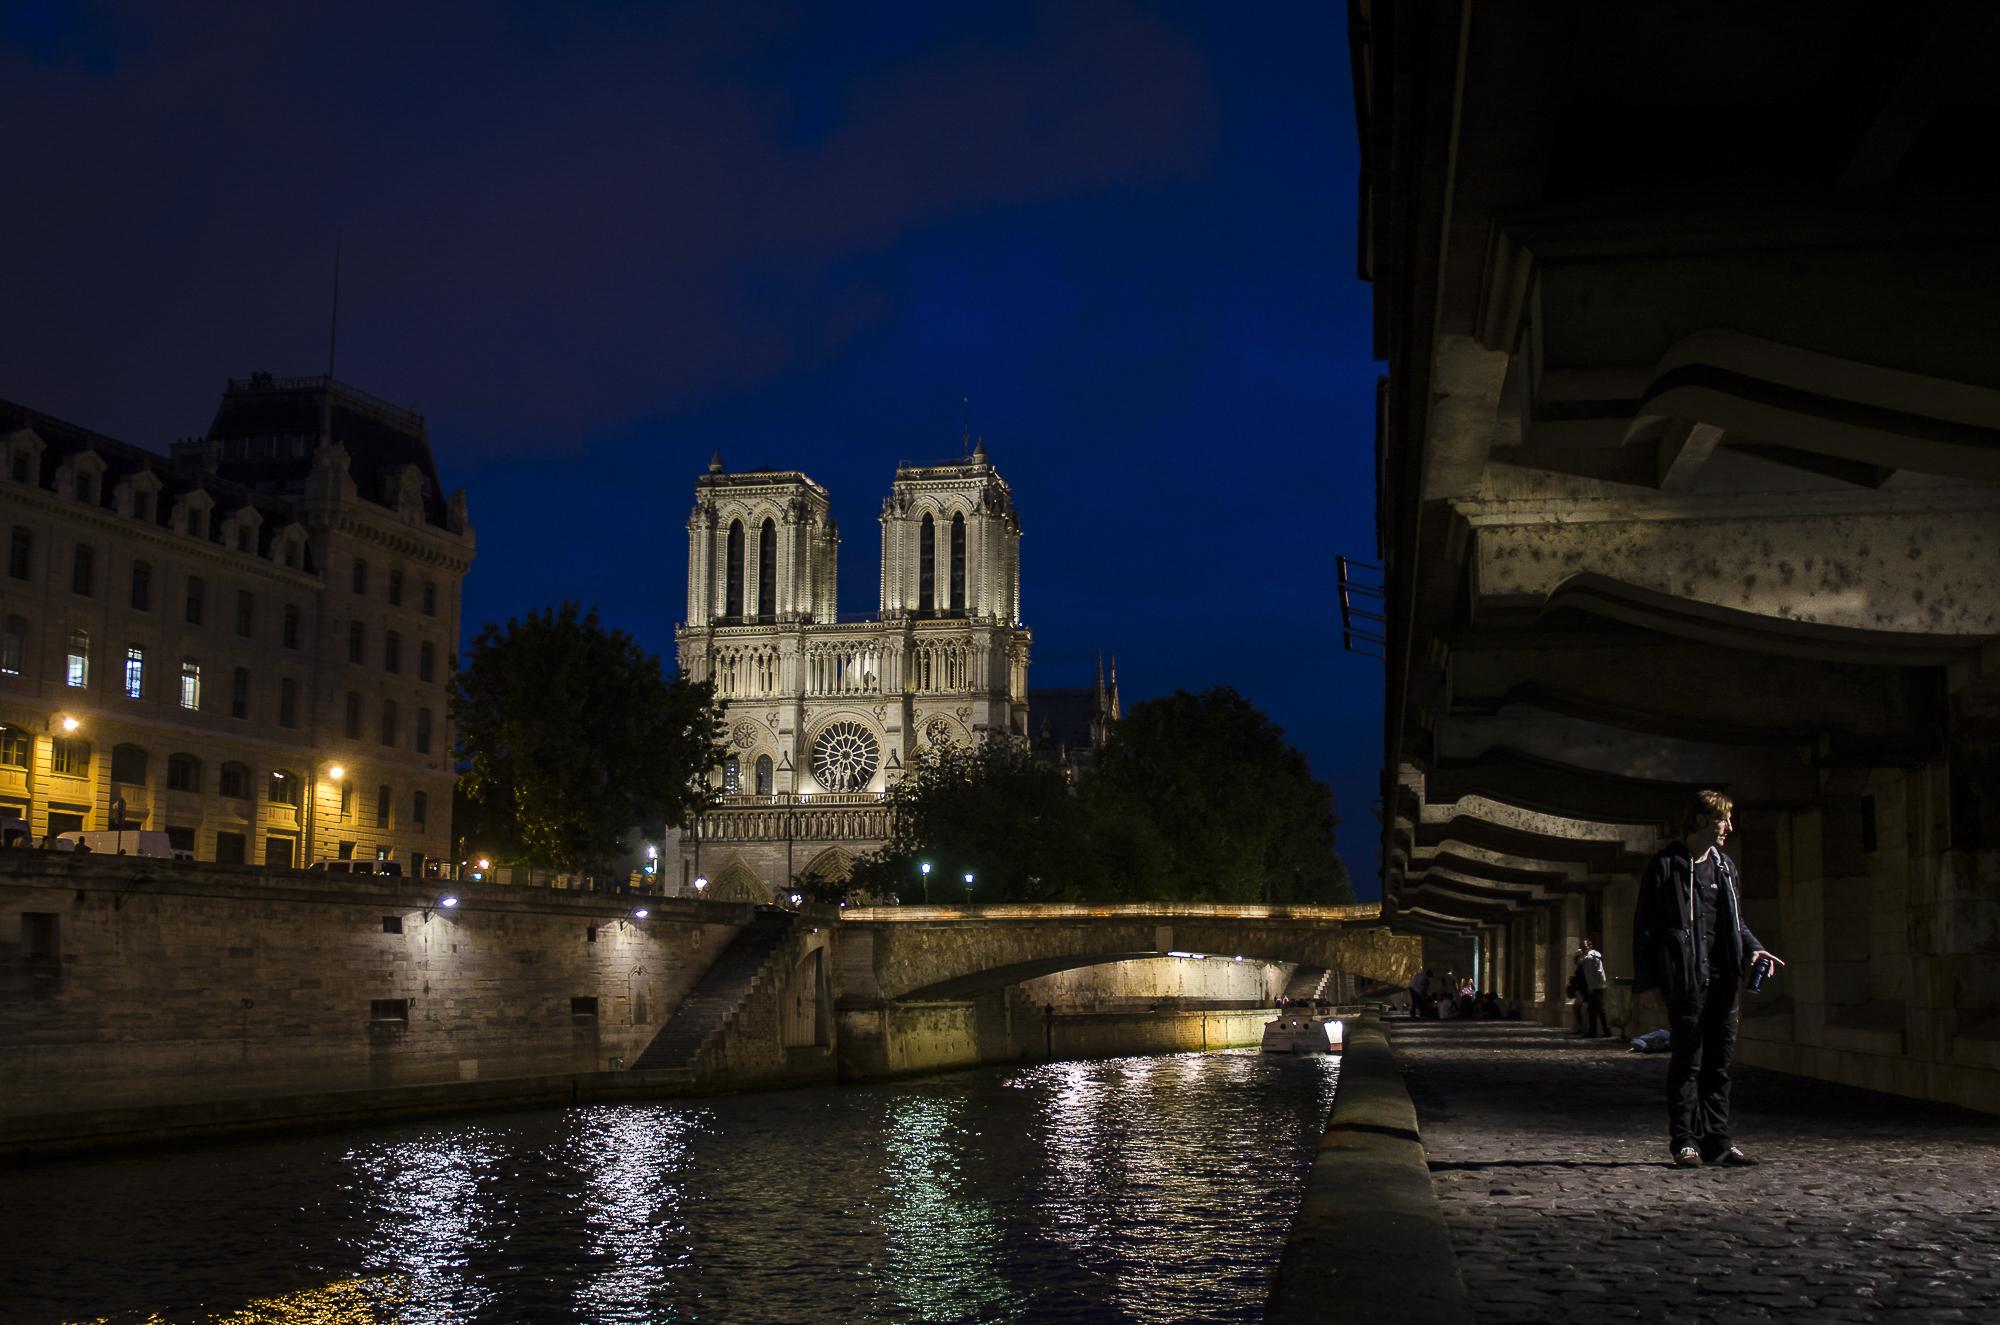 paris-extended-photo-tour-007.jpg